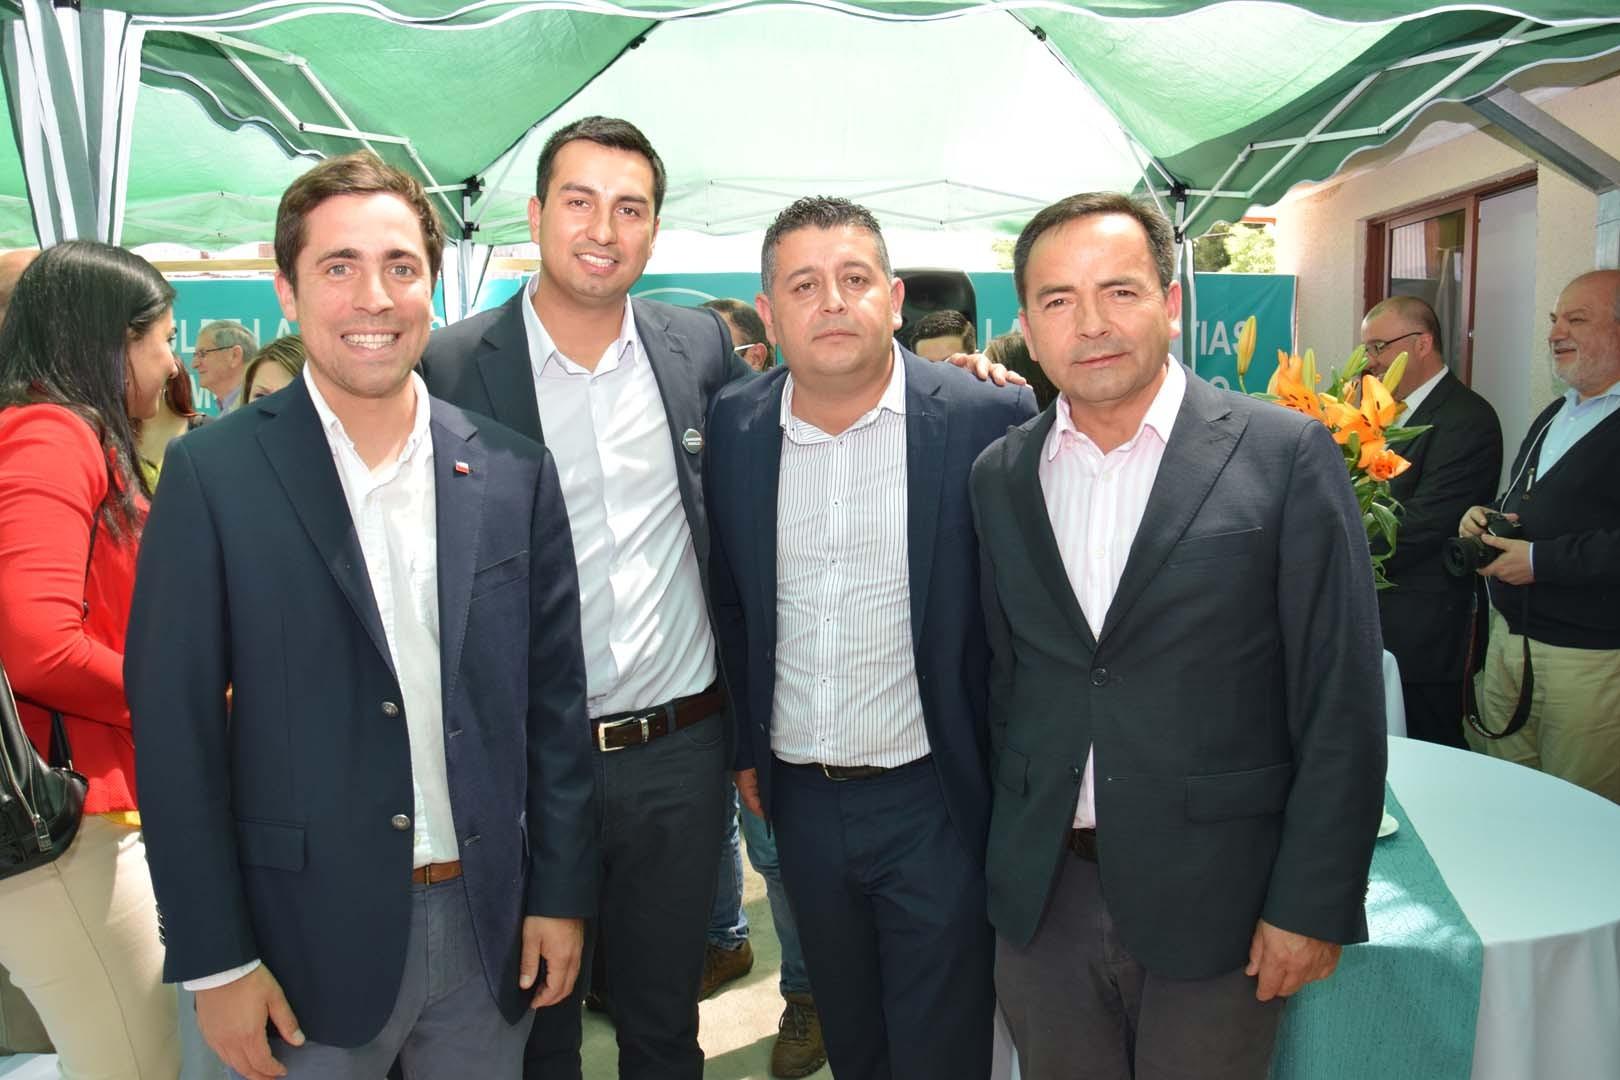 Cristóbal Martínez, Carlos Pinochet, Humberto Fuentes y Daniel Sepúlveda